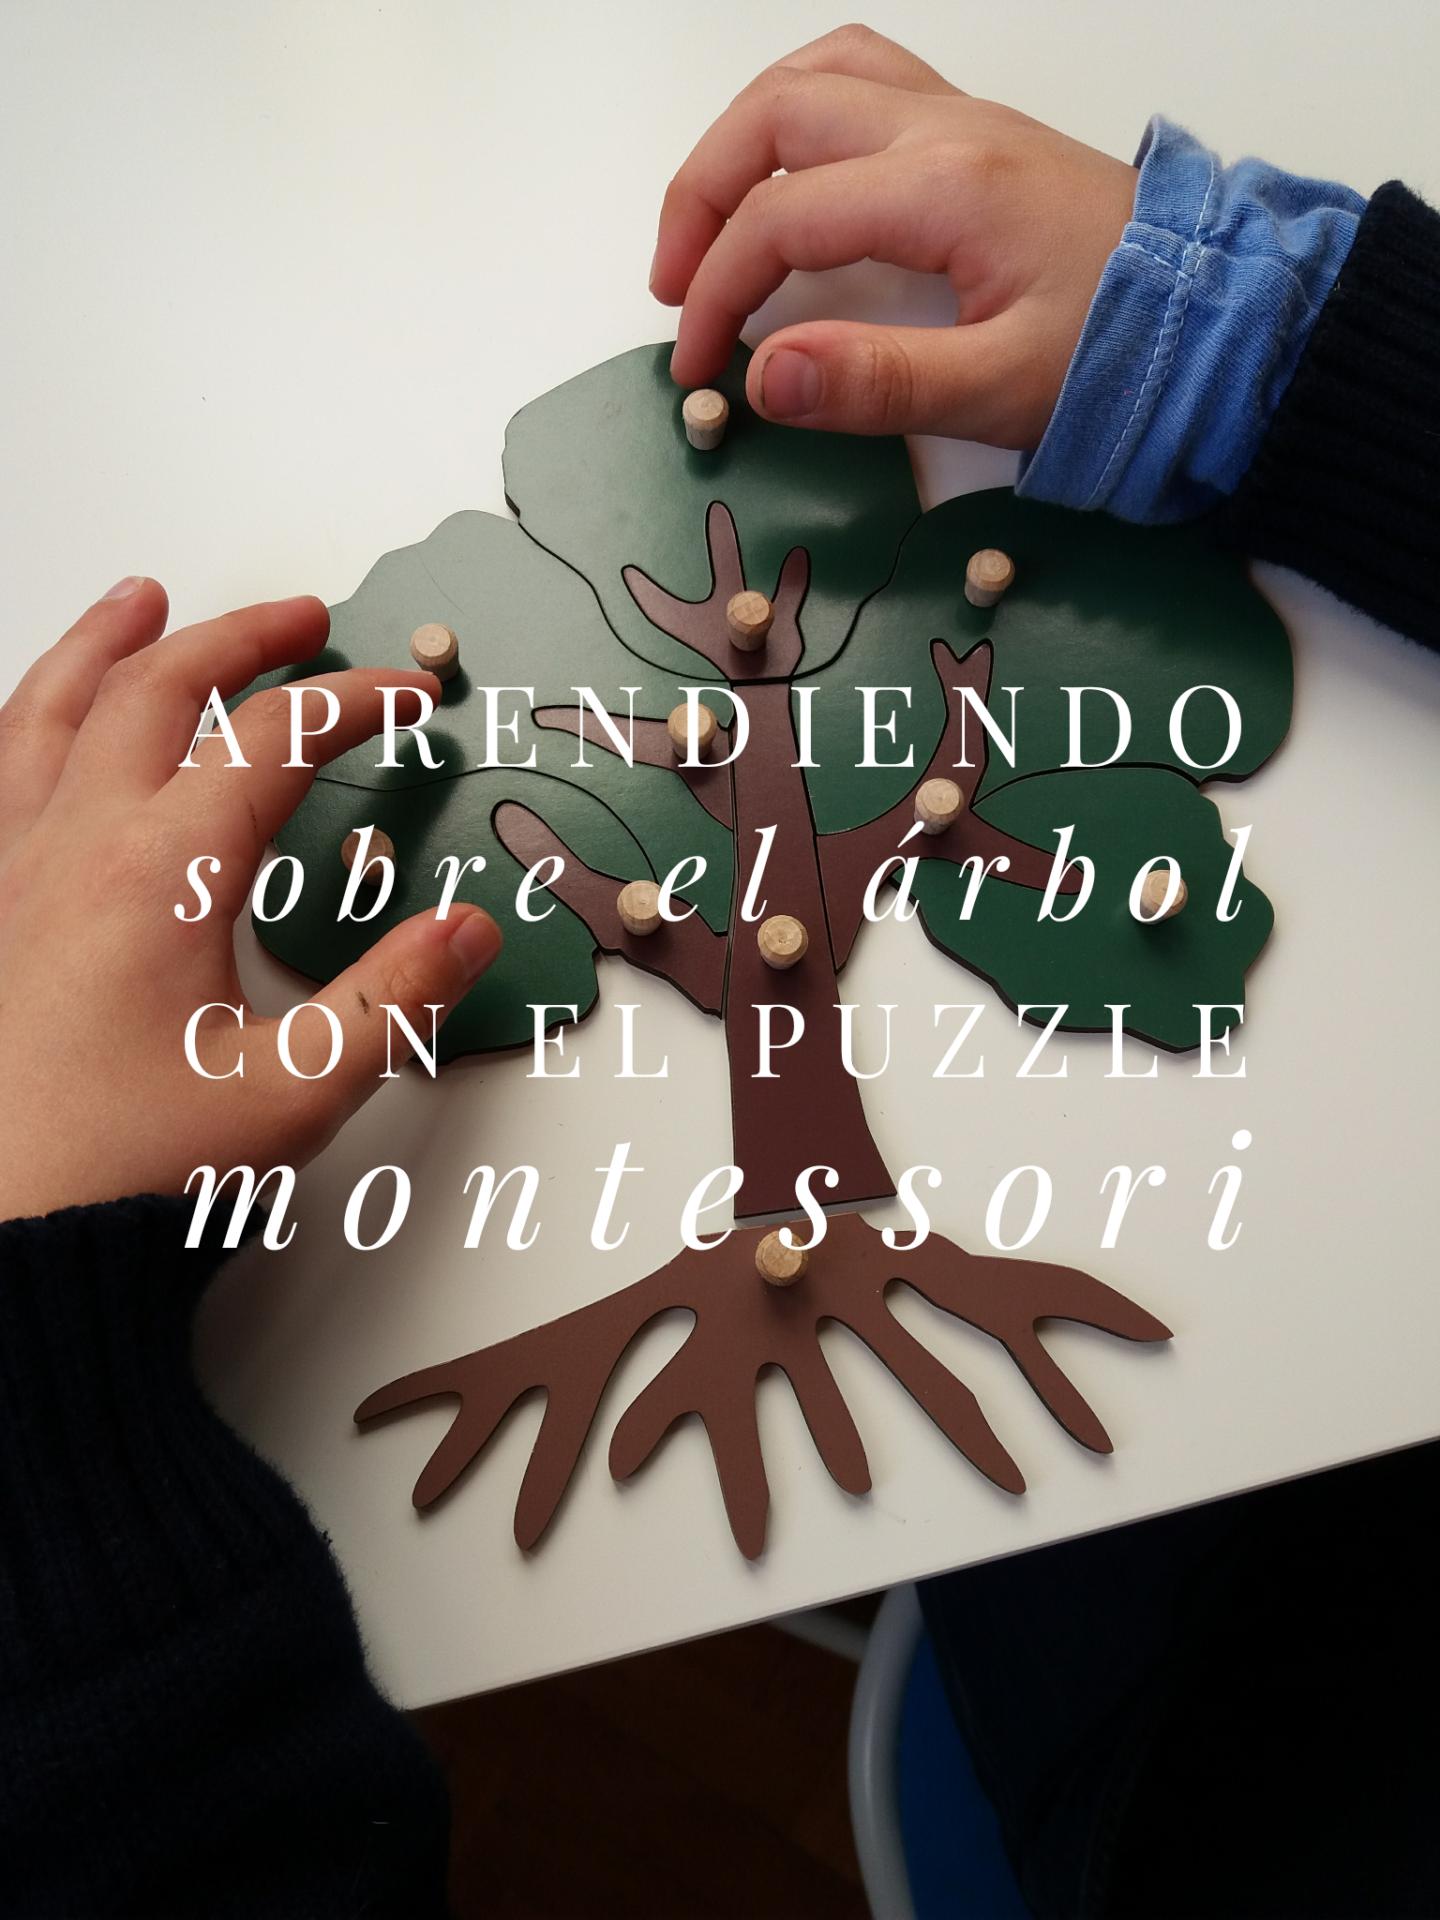 aprendiendo sobre el árbol con el puzzle Montessori